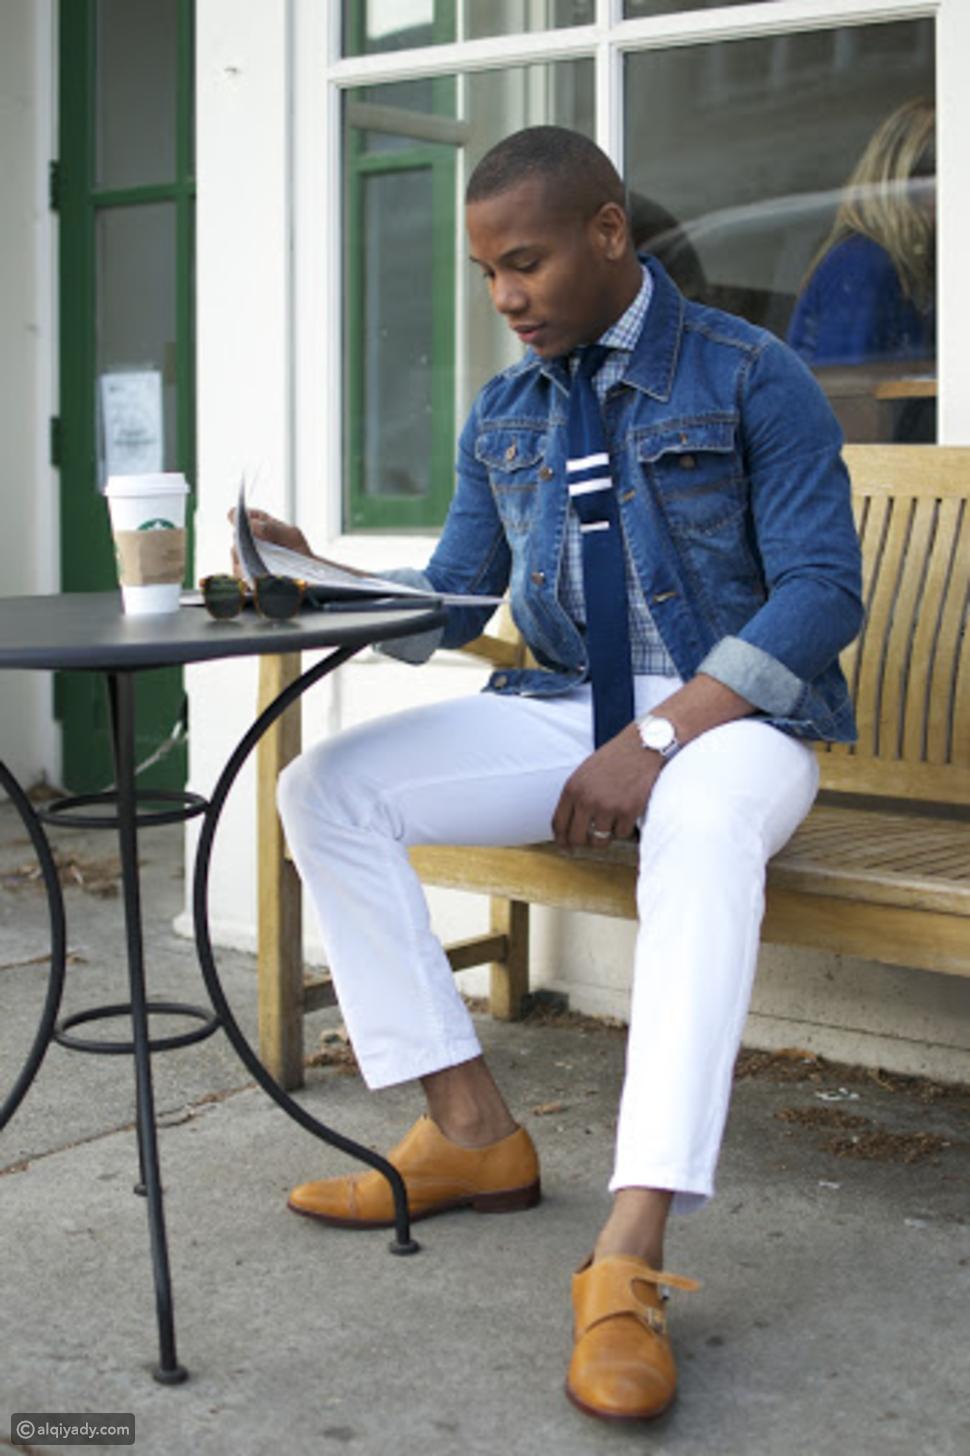 كيف ترتدي الجينز الأبيض ببساطة في الصيف؟